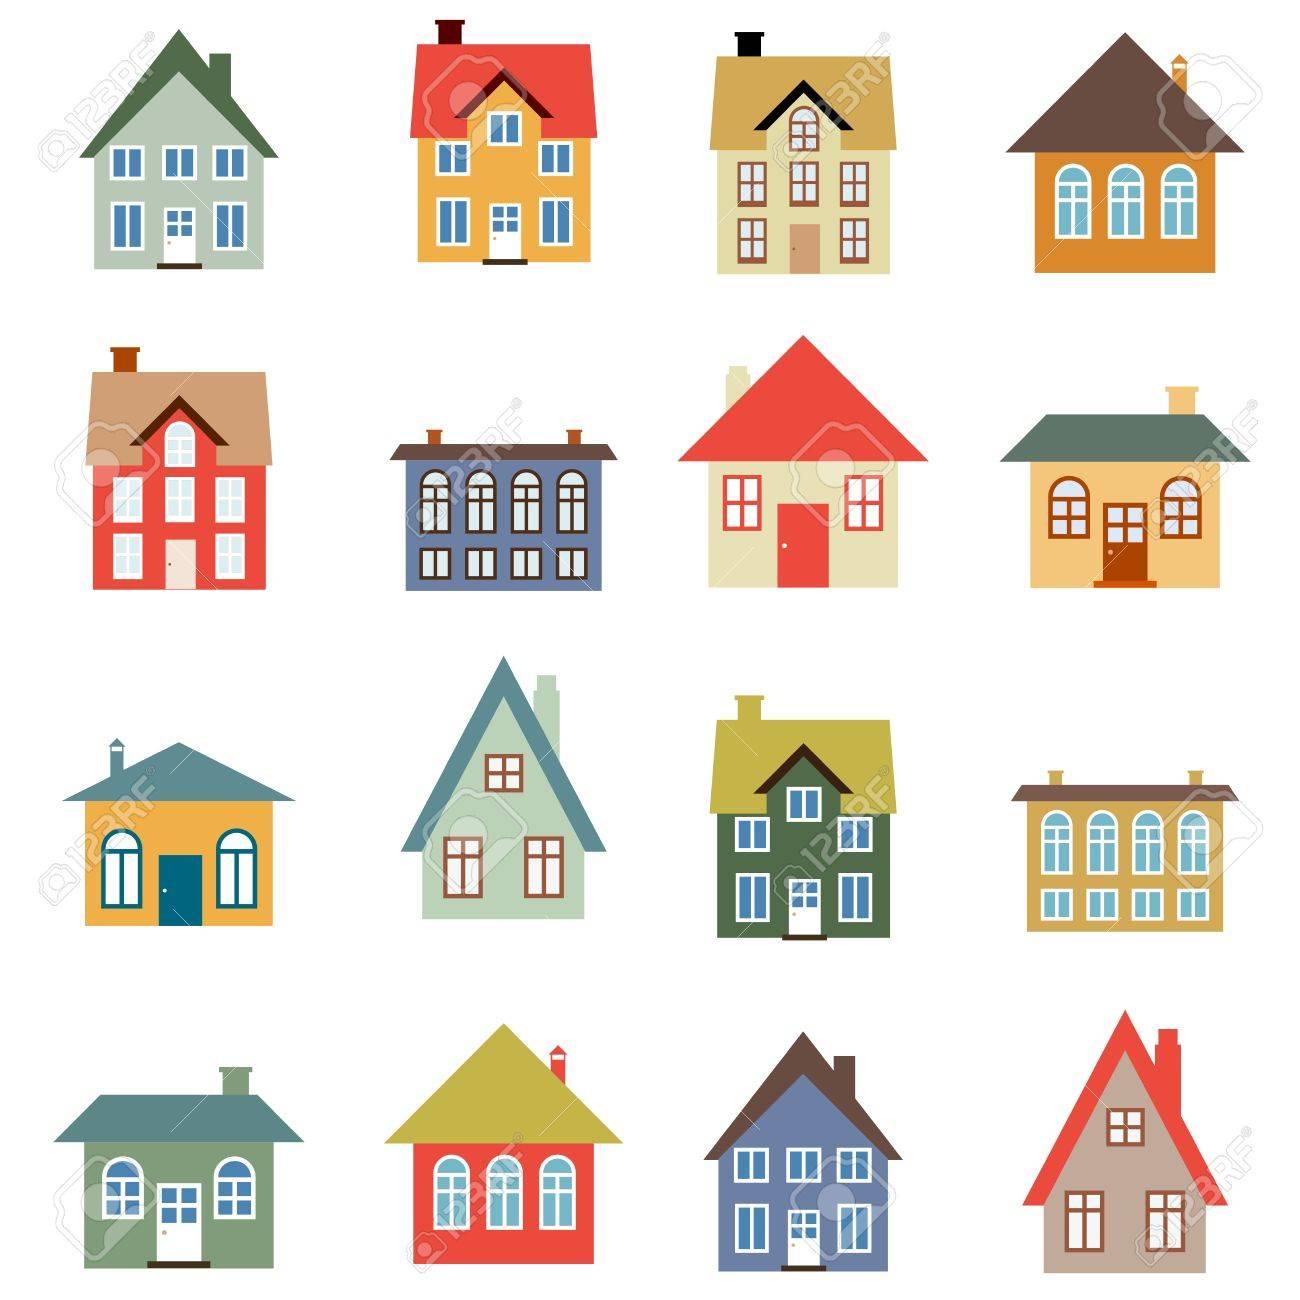 家ベクトルを設定 シンプルな家のイラスト コレクションですの